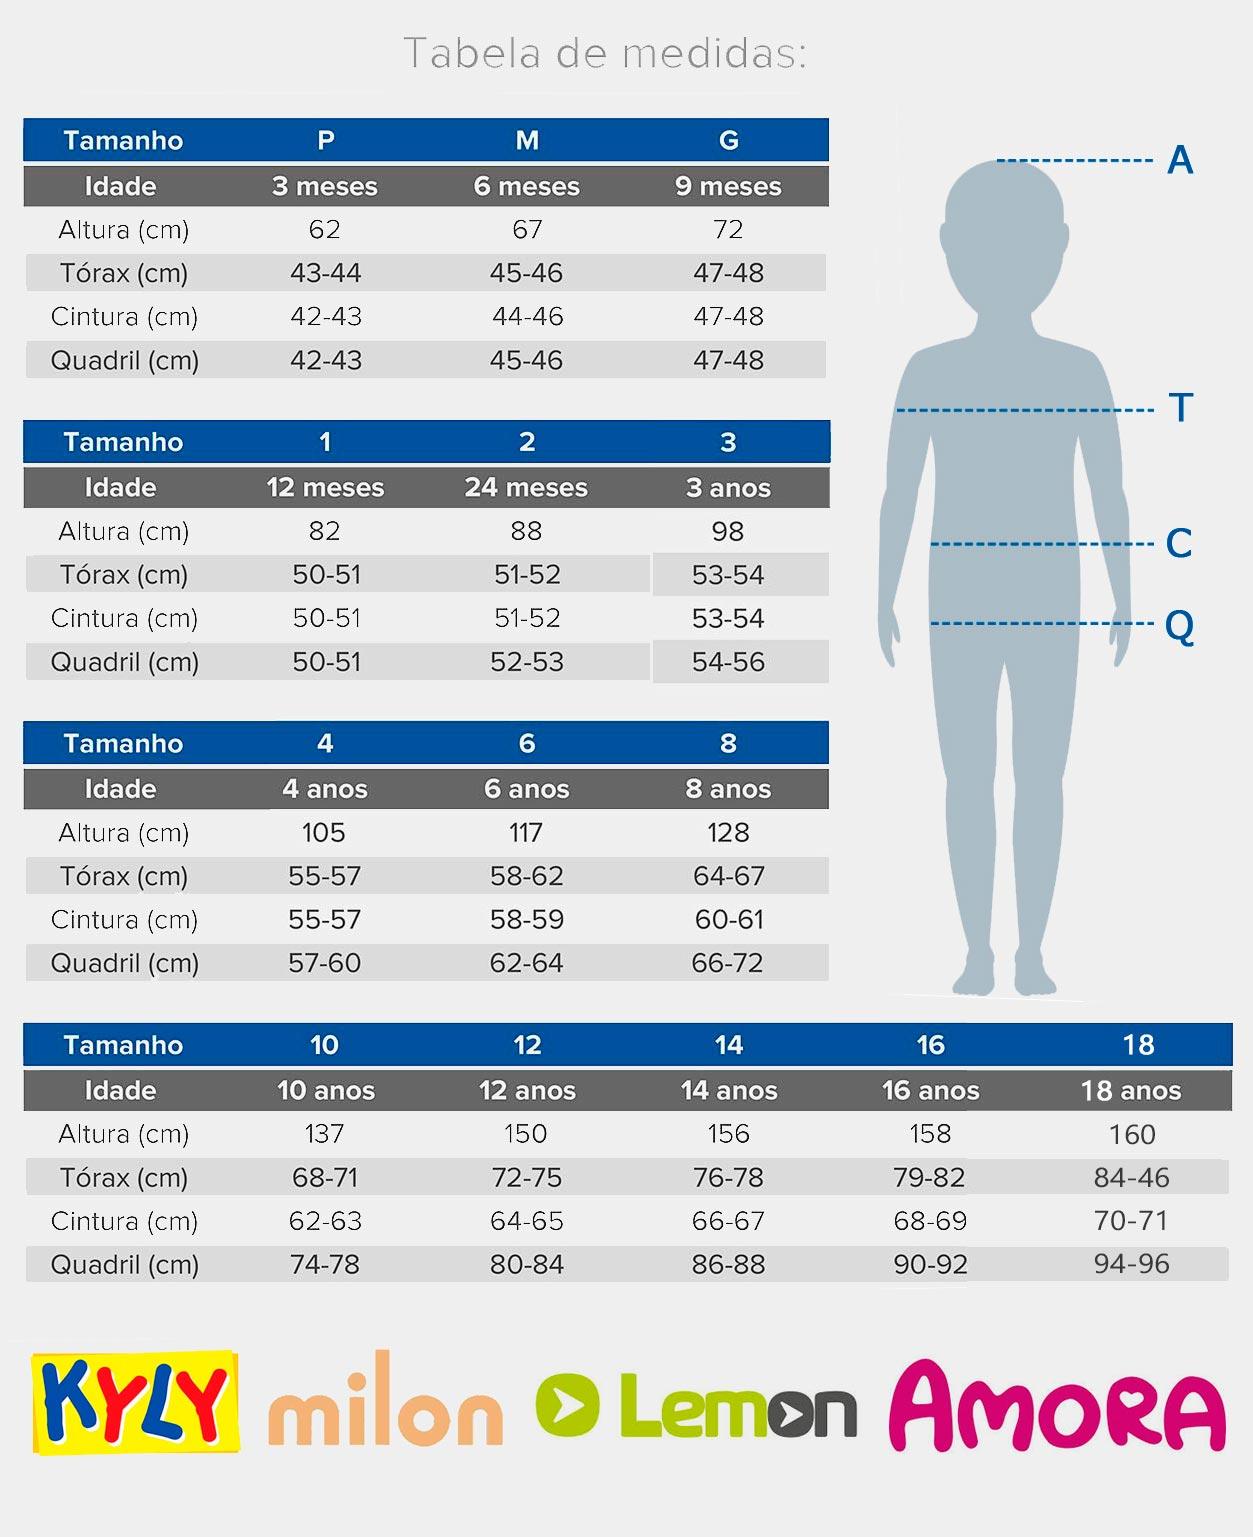 Blusa Infantil Feminina Kit 3 Amarelo Flores - Kyly: Tabela de medidas